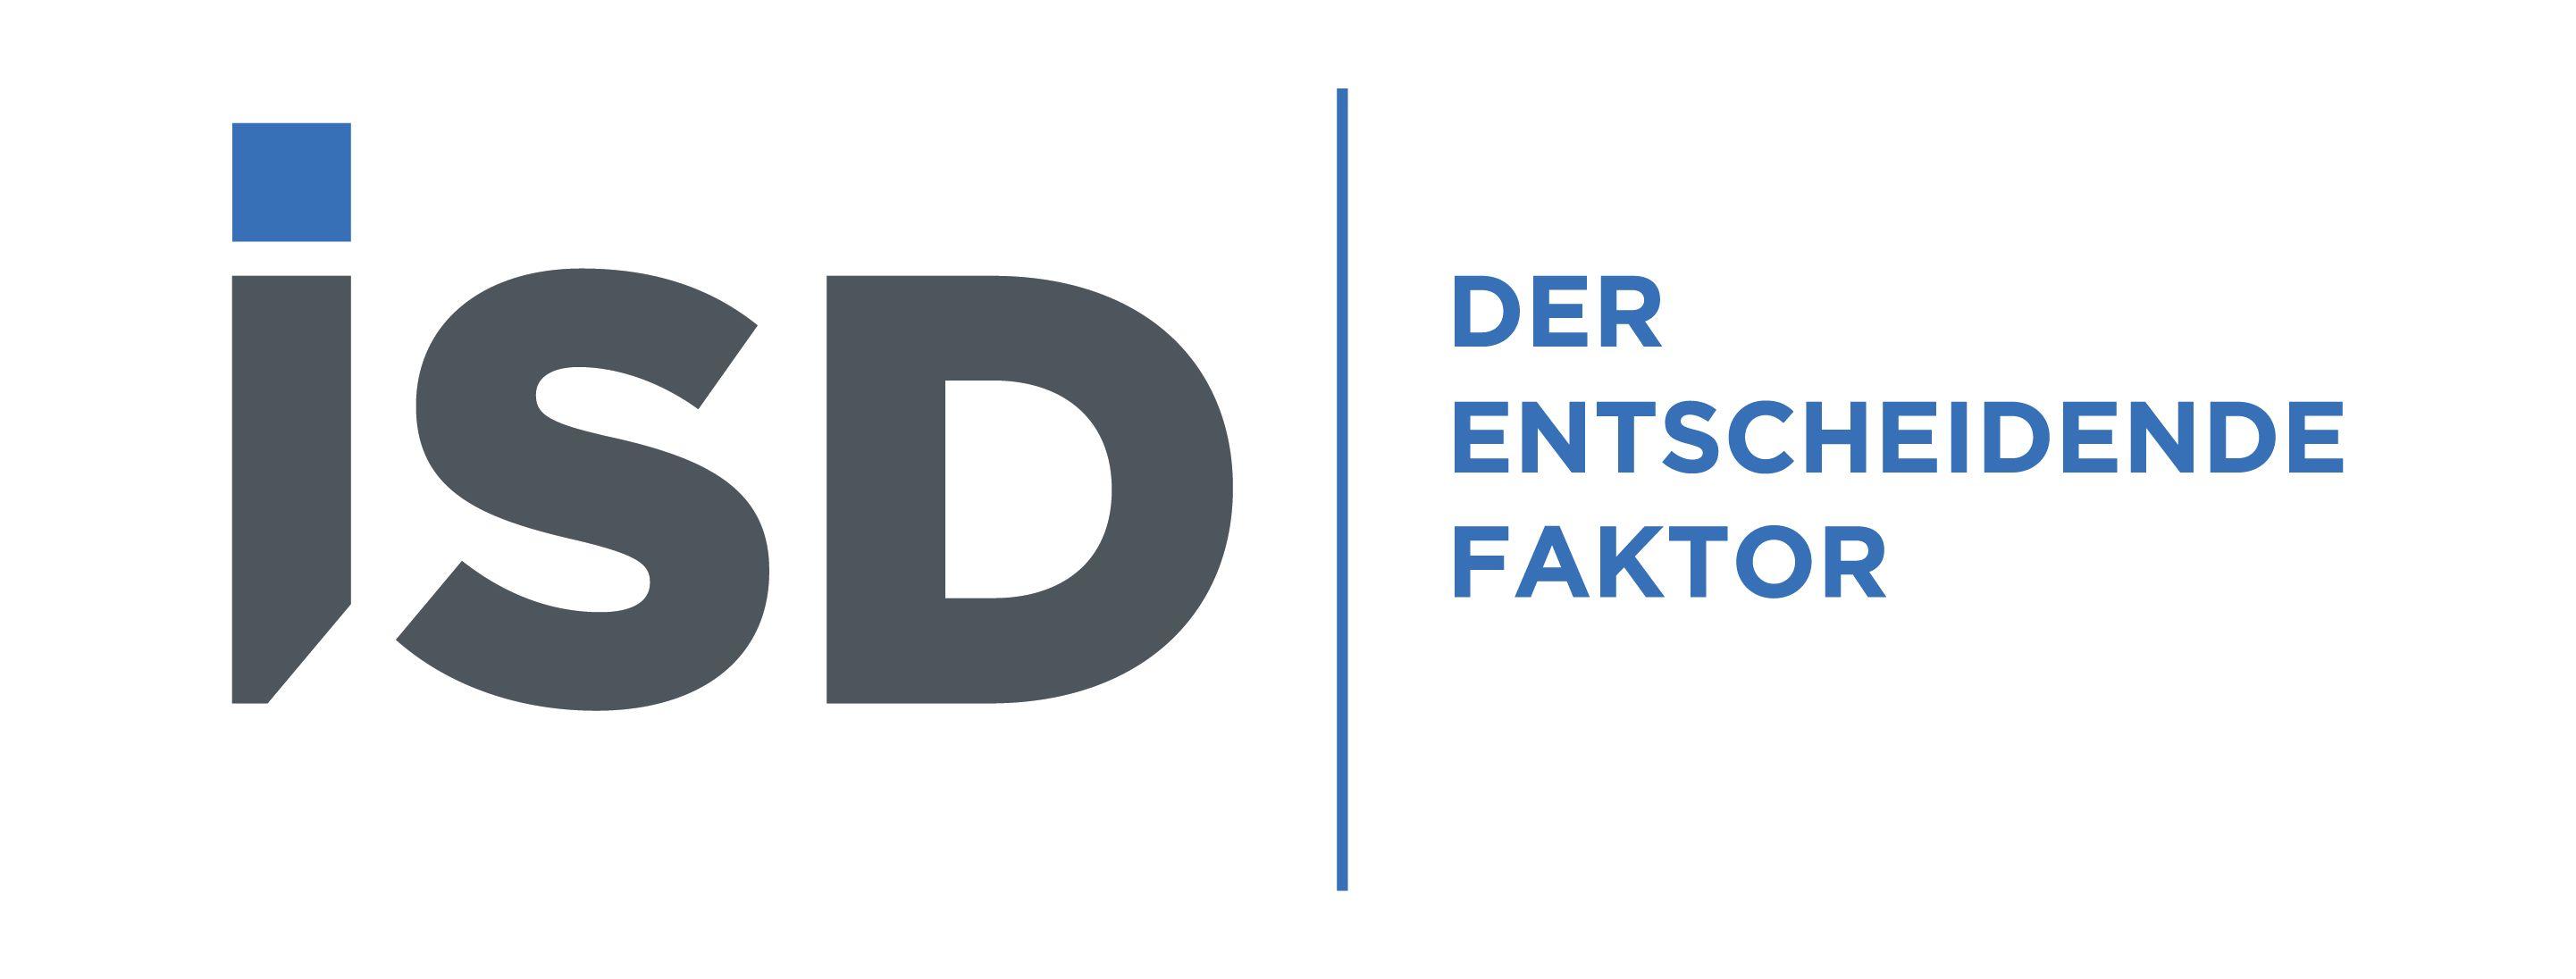 ISD - Industrie Service für Datenverarbeitung GmbH